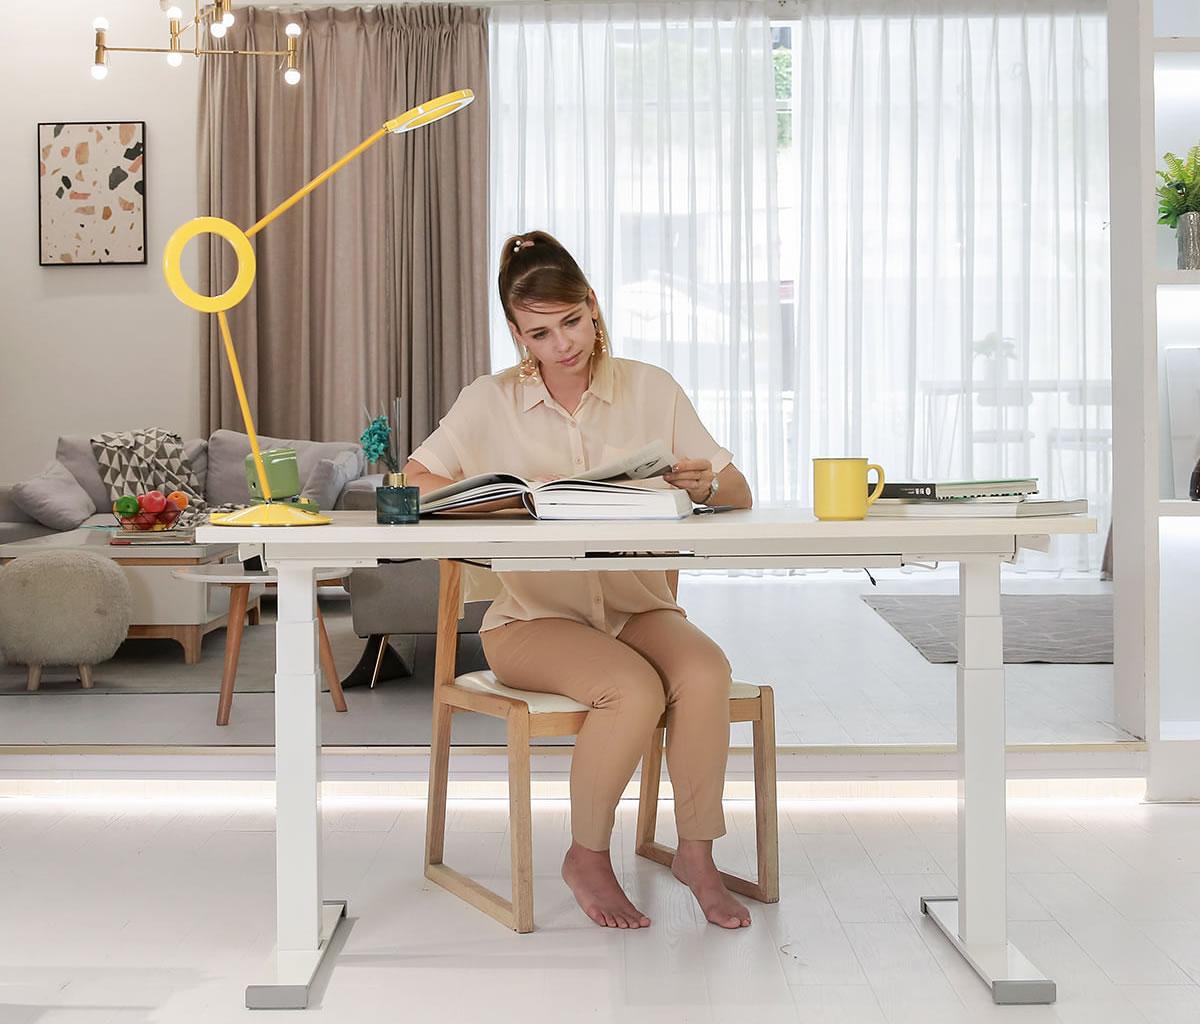 Edeskhub โต๊ะทำงานอเนกประสงค์ สำหรับพ่อบ้านแม่บ้านยุคใหม่